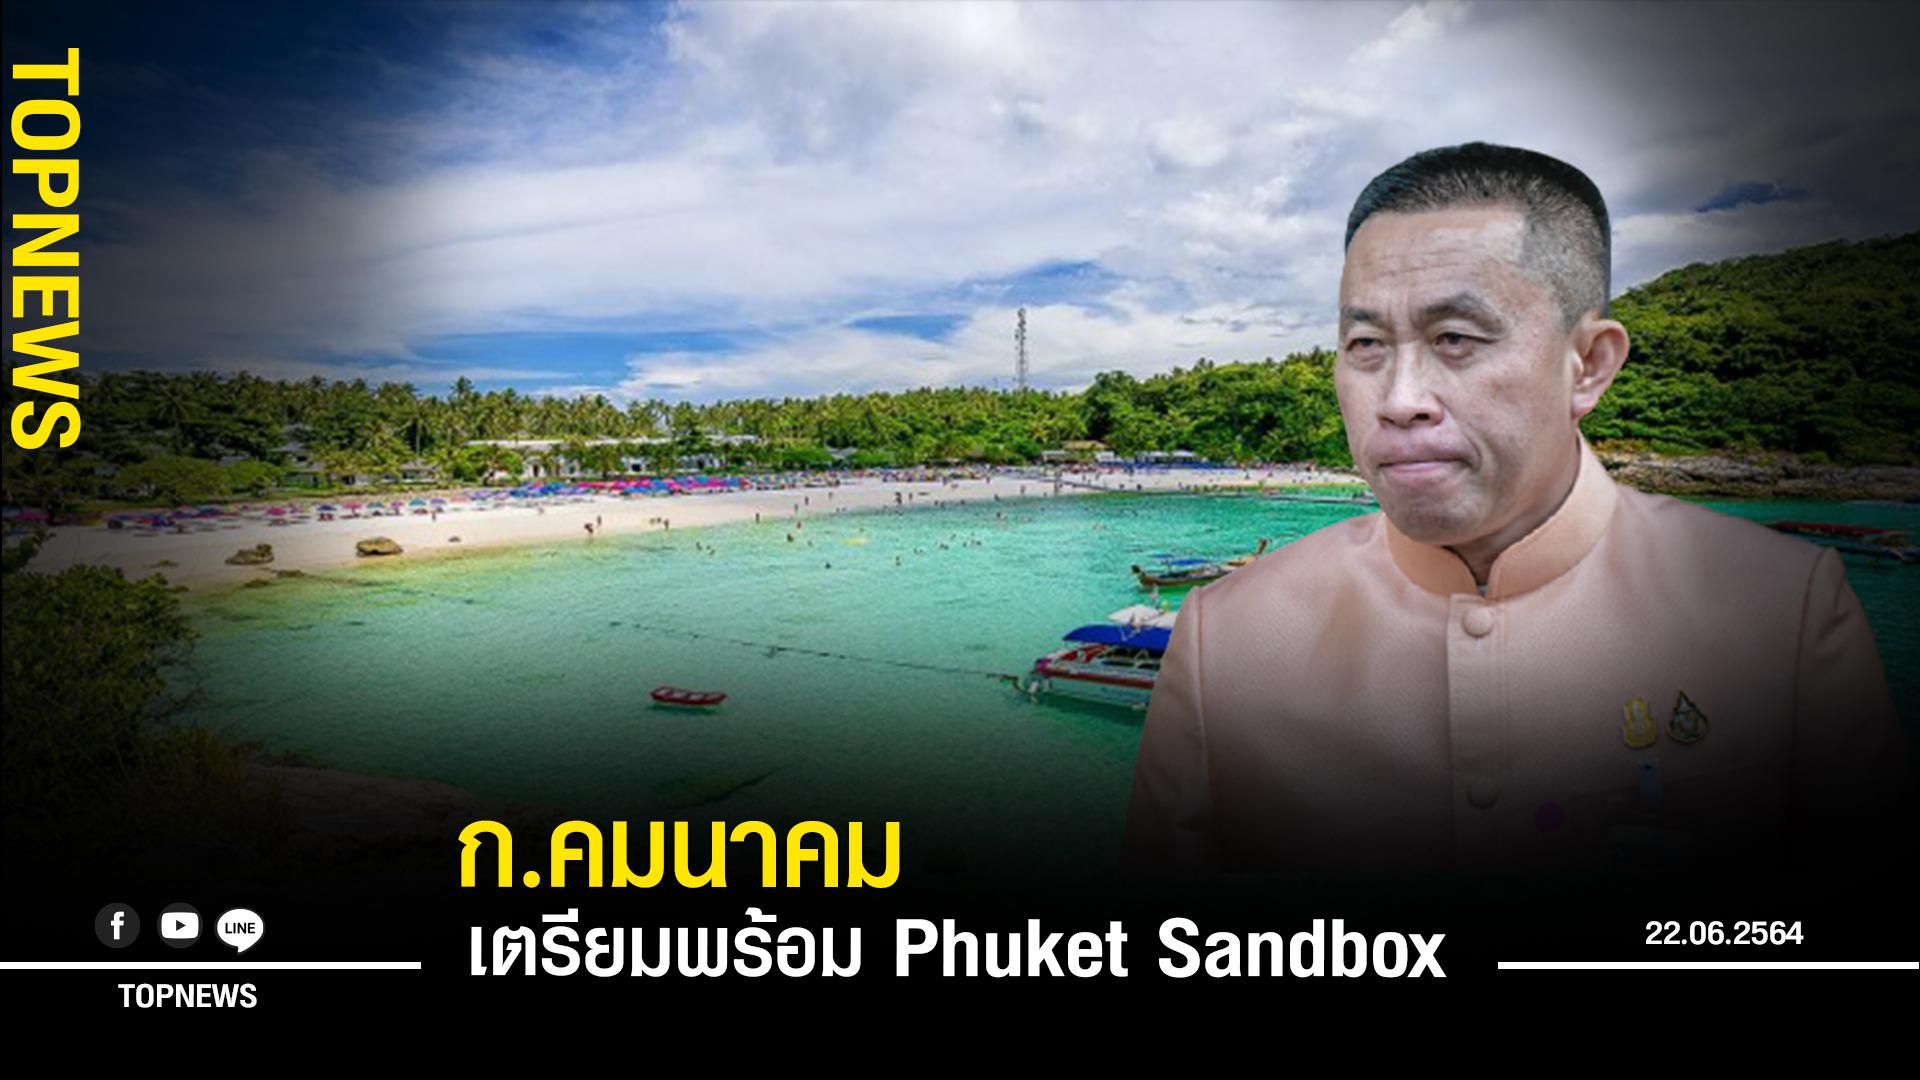 ก.คมนาคม เตรียมความพร้อม Phuket Sandbox